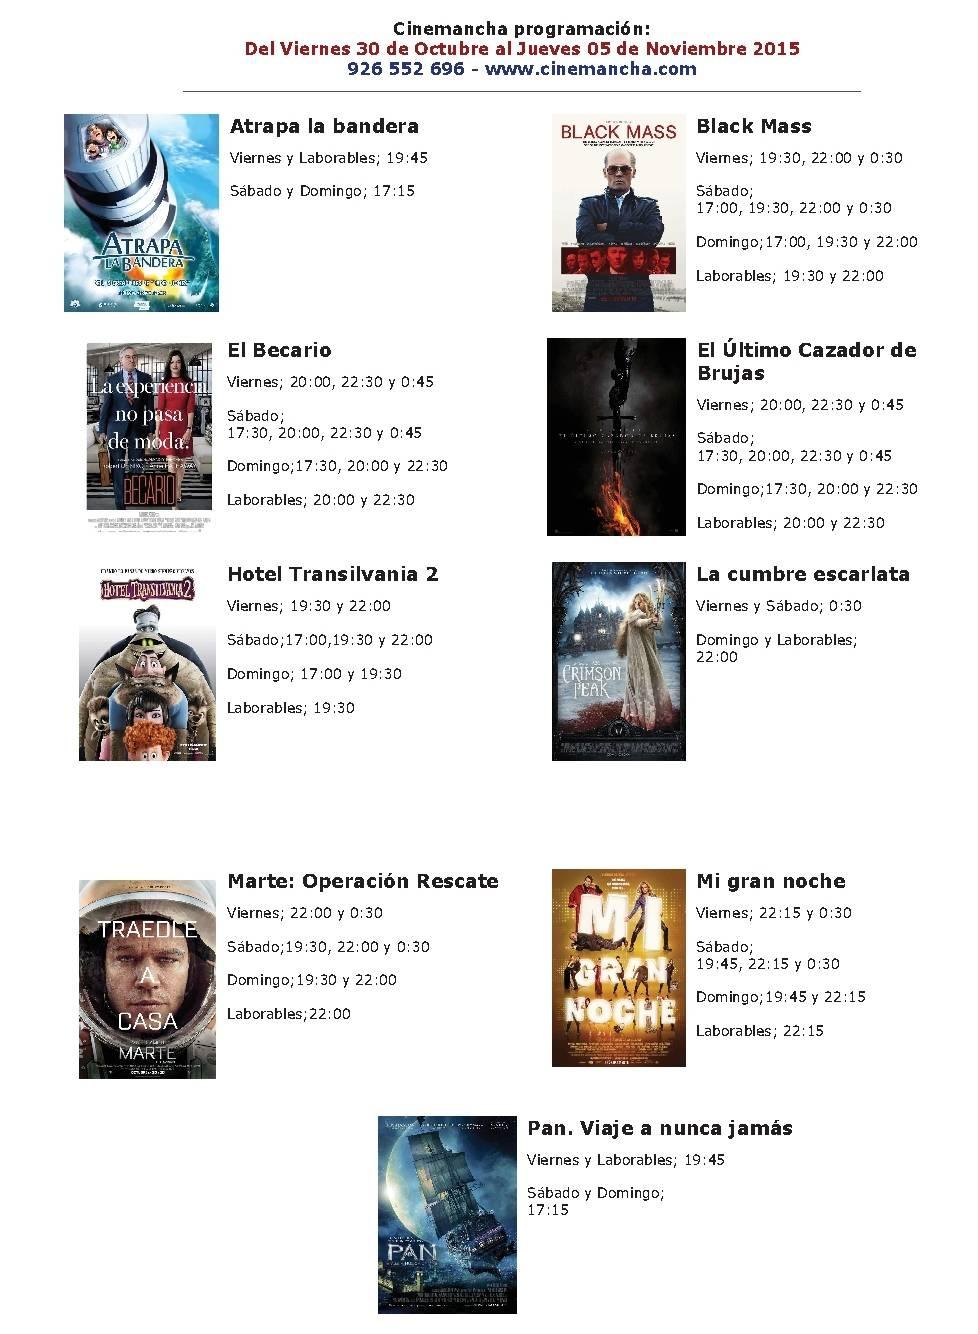 Cinemancha programación: Del Viernes 30 al 5 de Noviembre 1